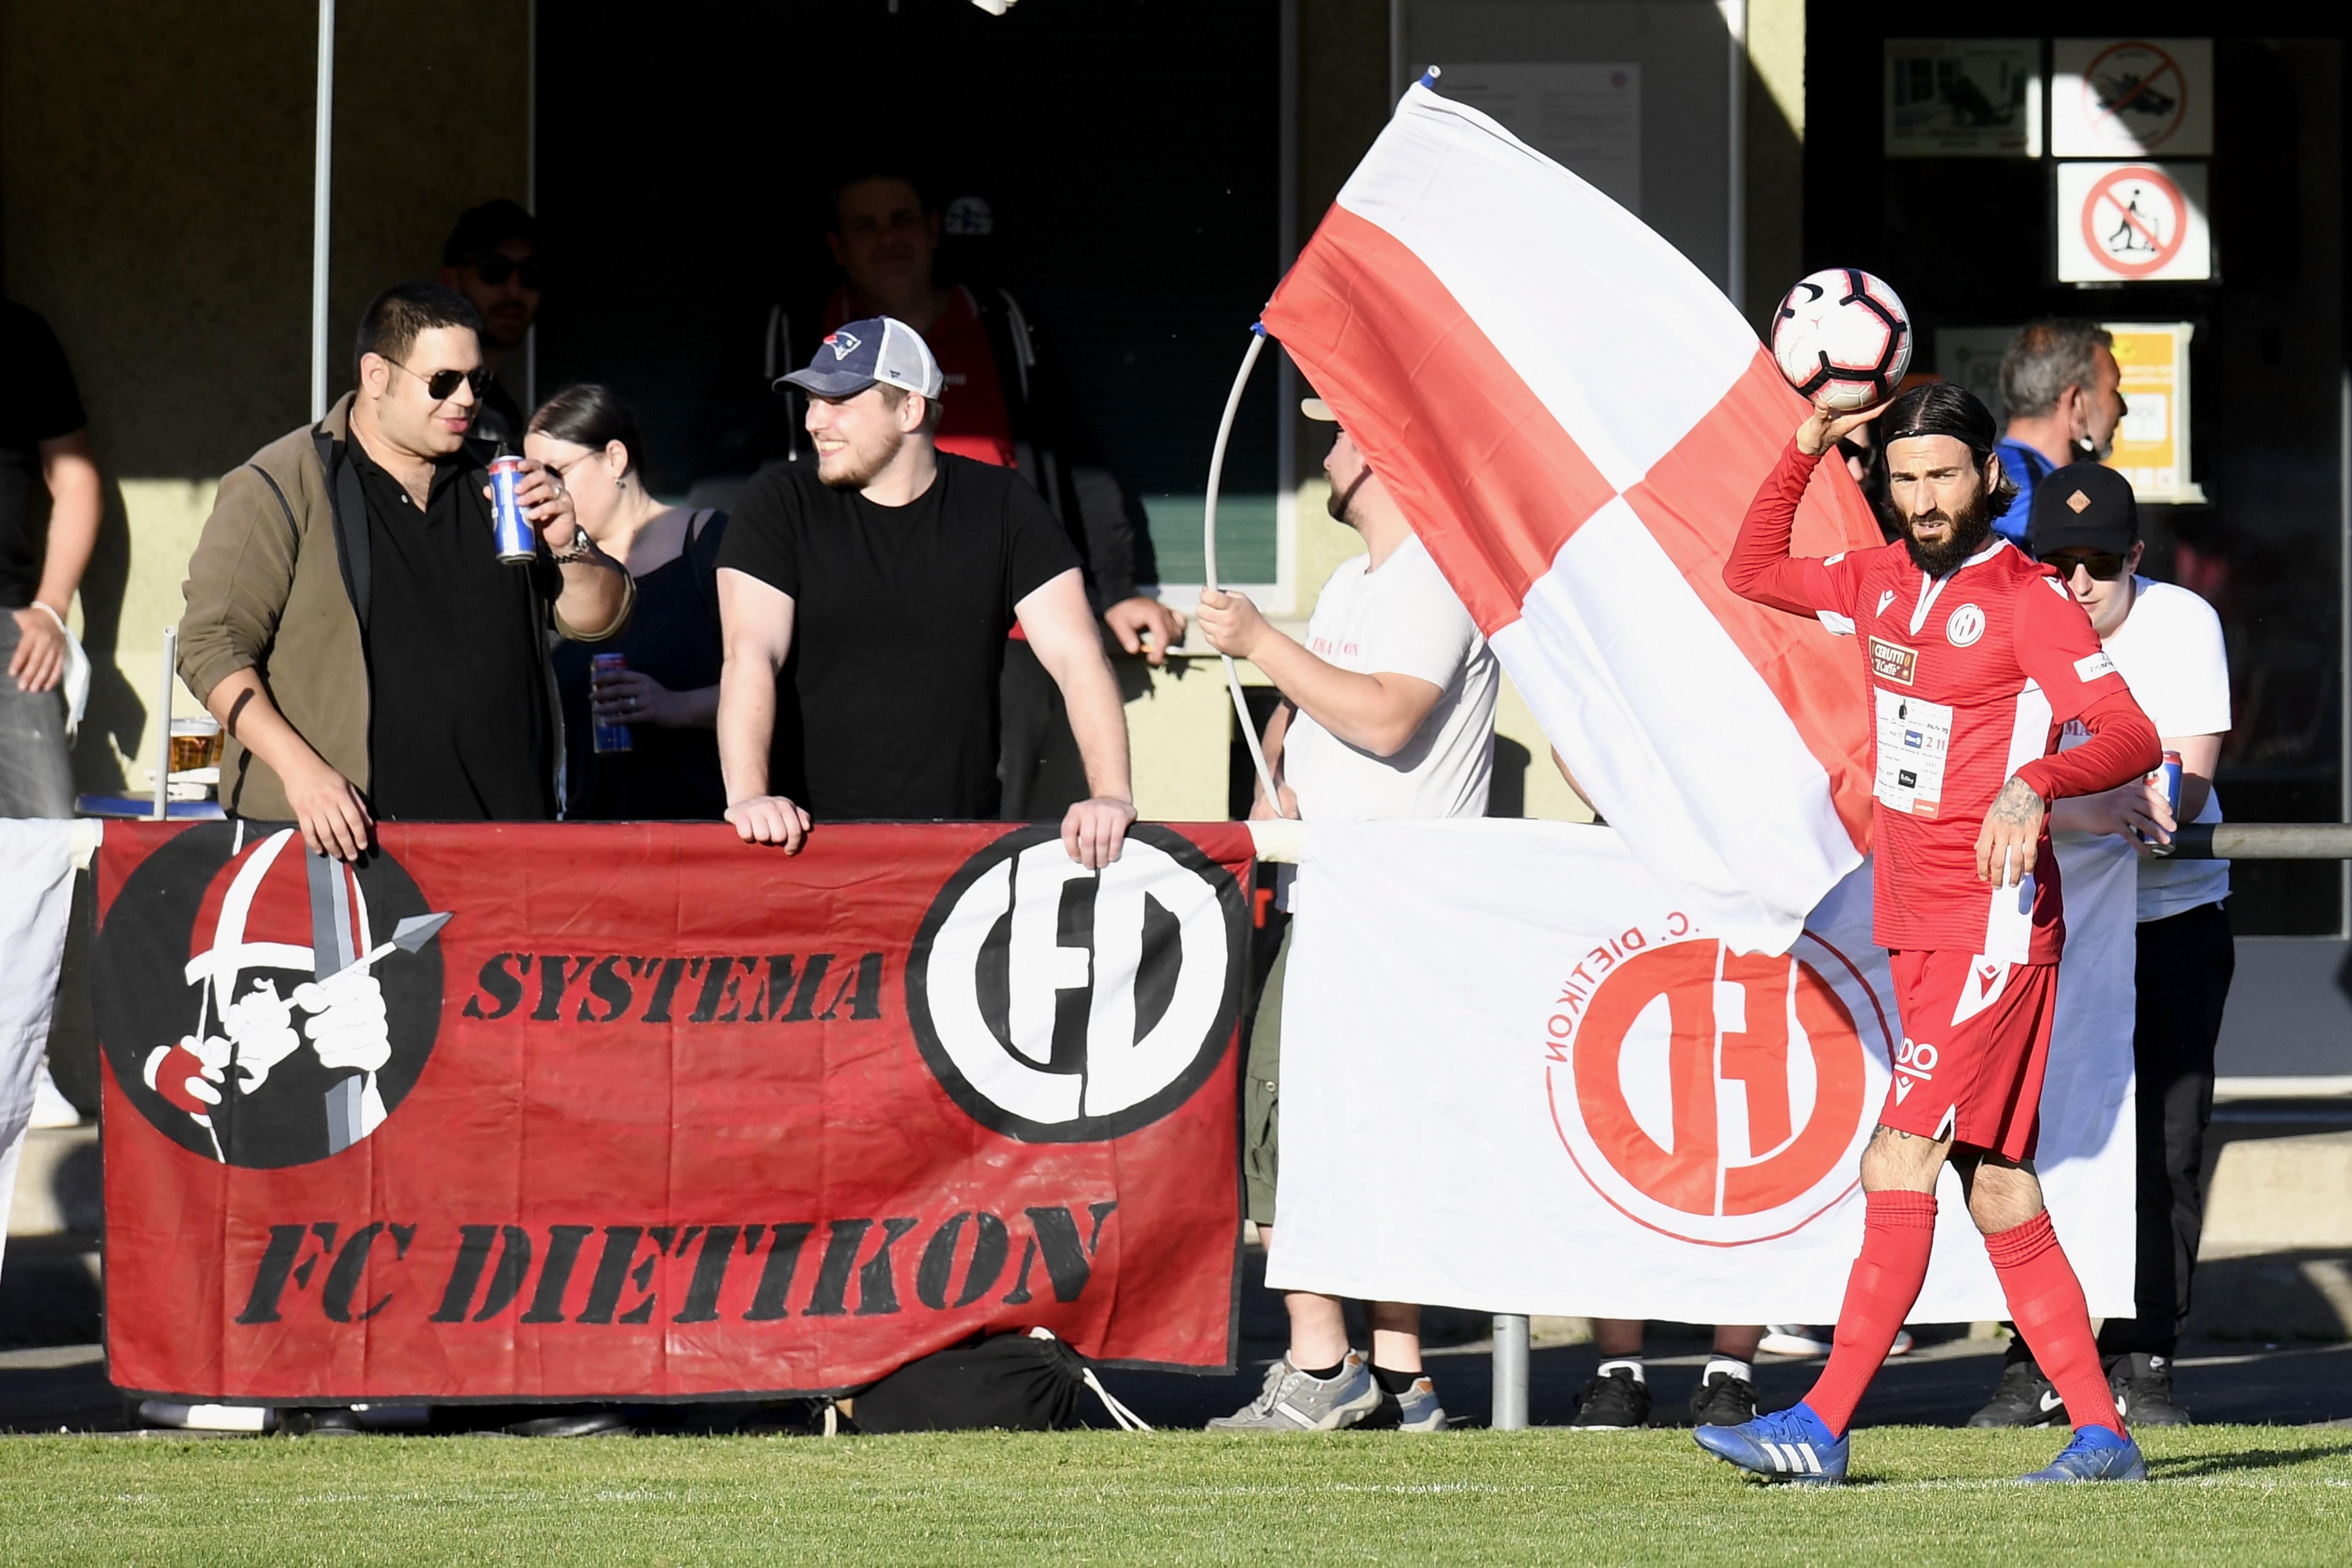 Dietikons 3:0-Torschütze Leandro Di Gregorio beim Einwurf vor den Fans.